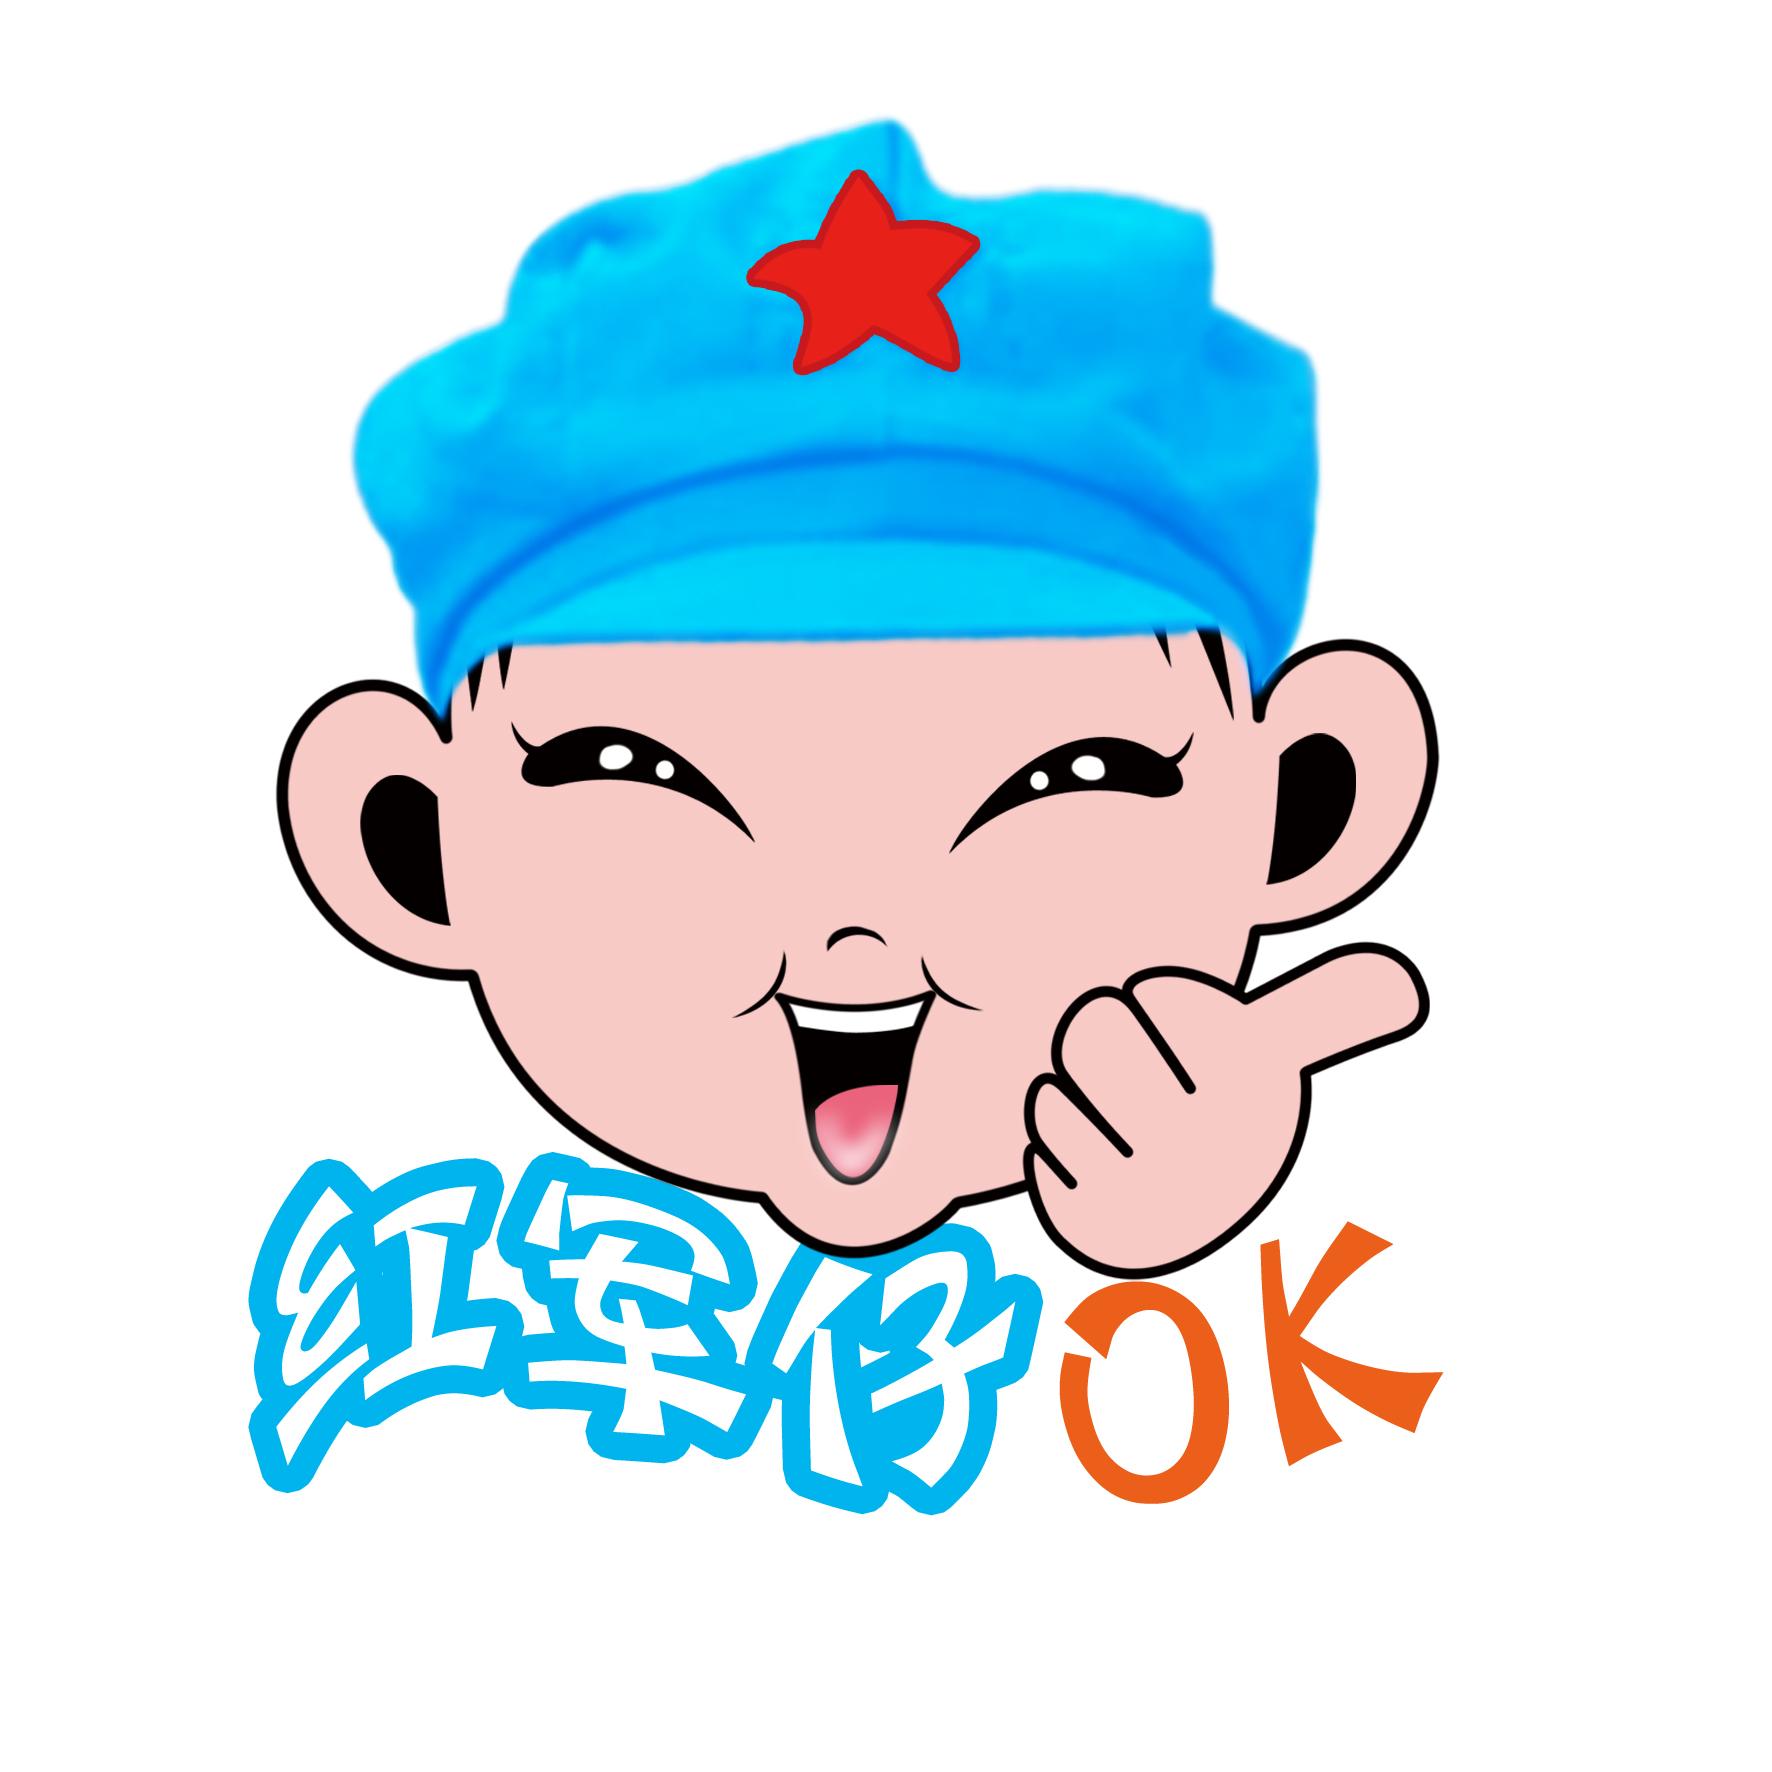 红军 卡通头像 logo 设计图片